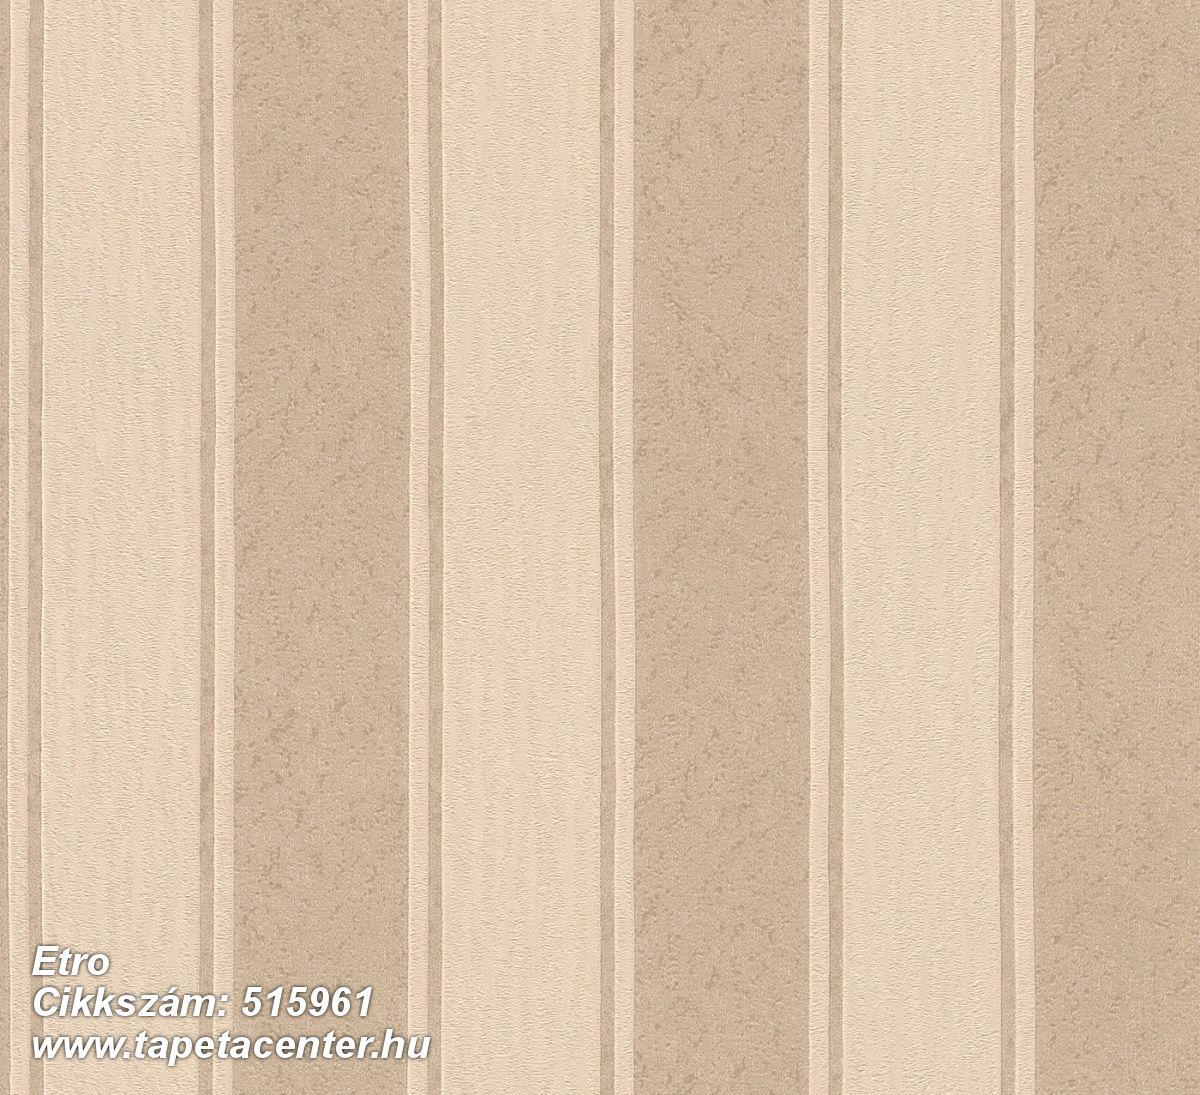 Csíkos,különleges felületű,rajzolt,retro,textil hatású,textilmintás,barna,bézs-drapp,lemosható,illesztés mentes,Vlies tapéta